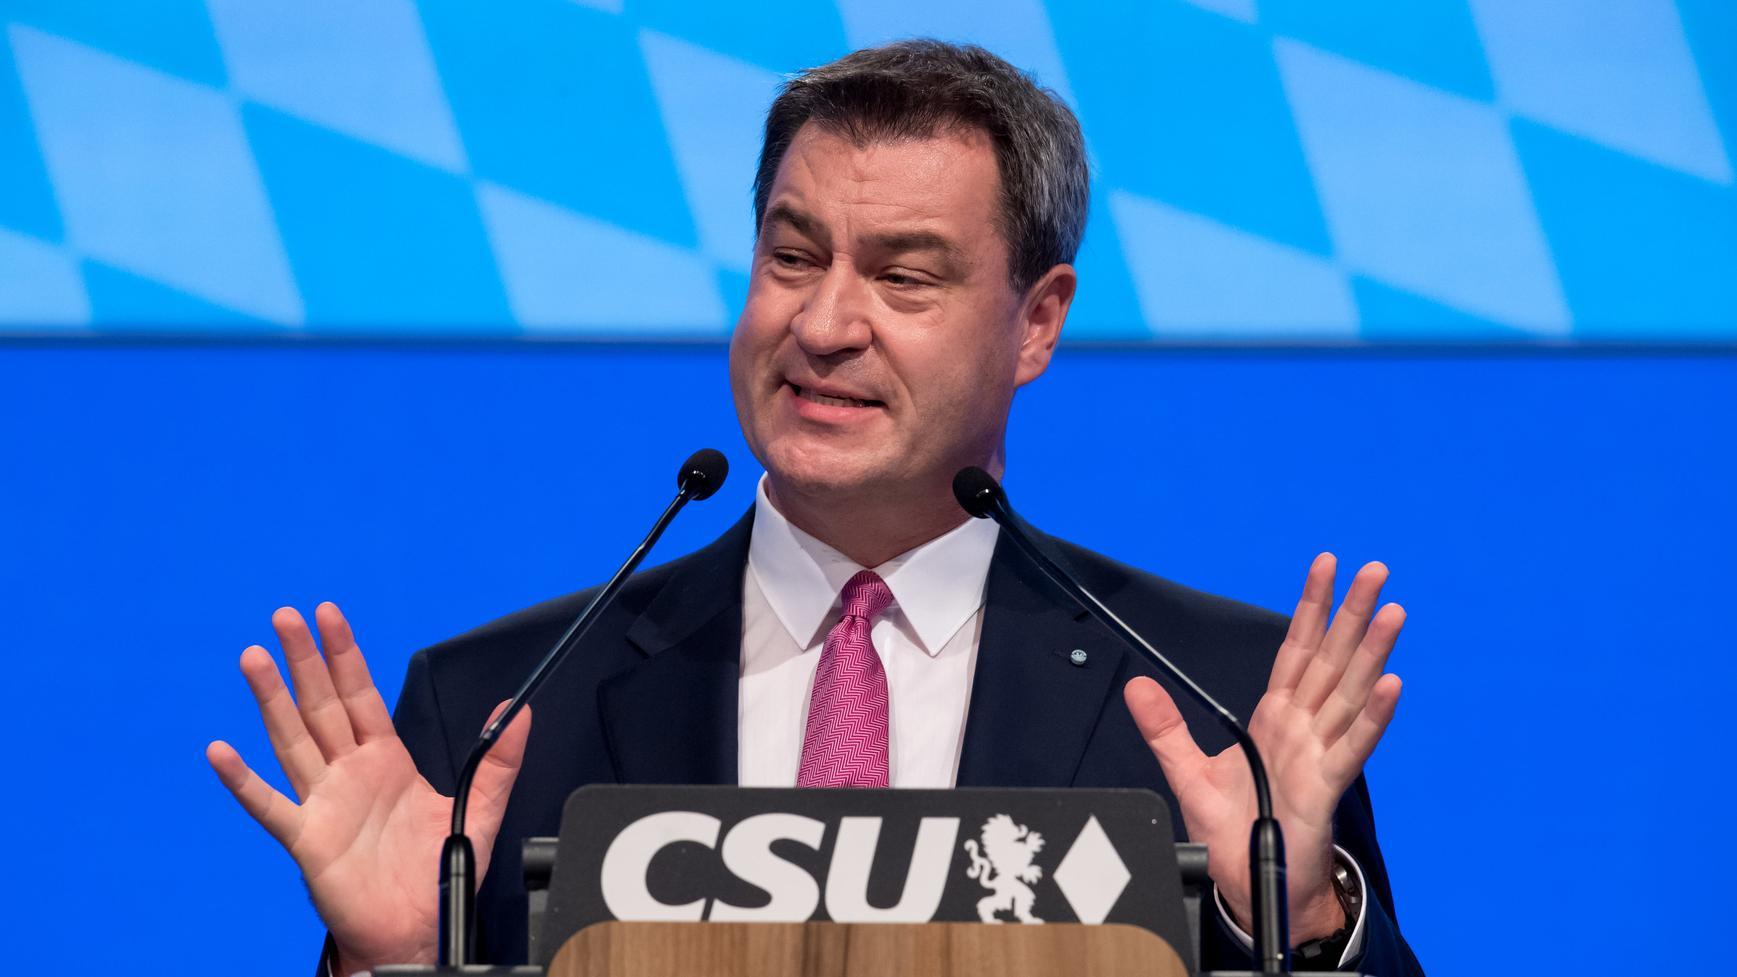 Ministerpräsident Markus Söder wirft der AfD vor, freien Waffenbesitz zu fordern und das Land destabilisieren zu wollen.